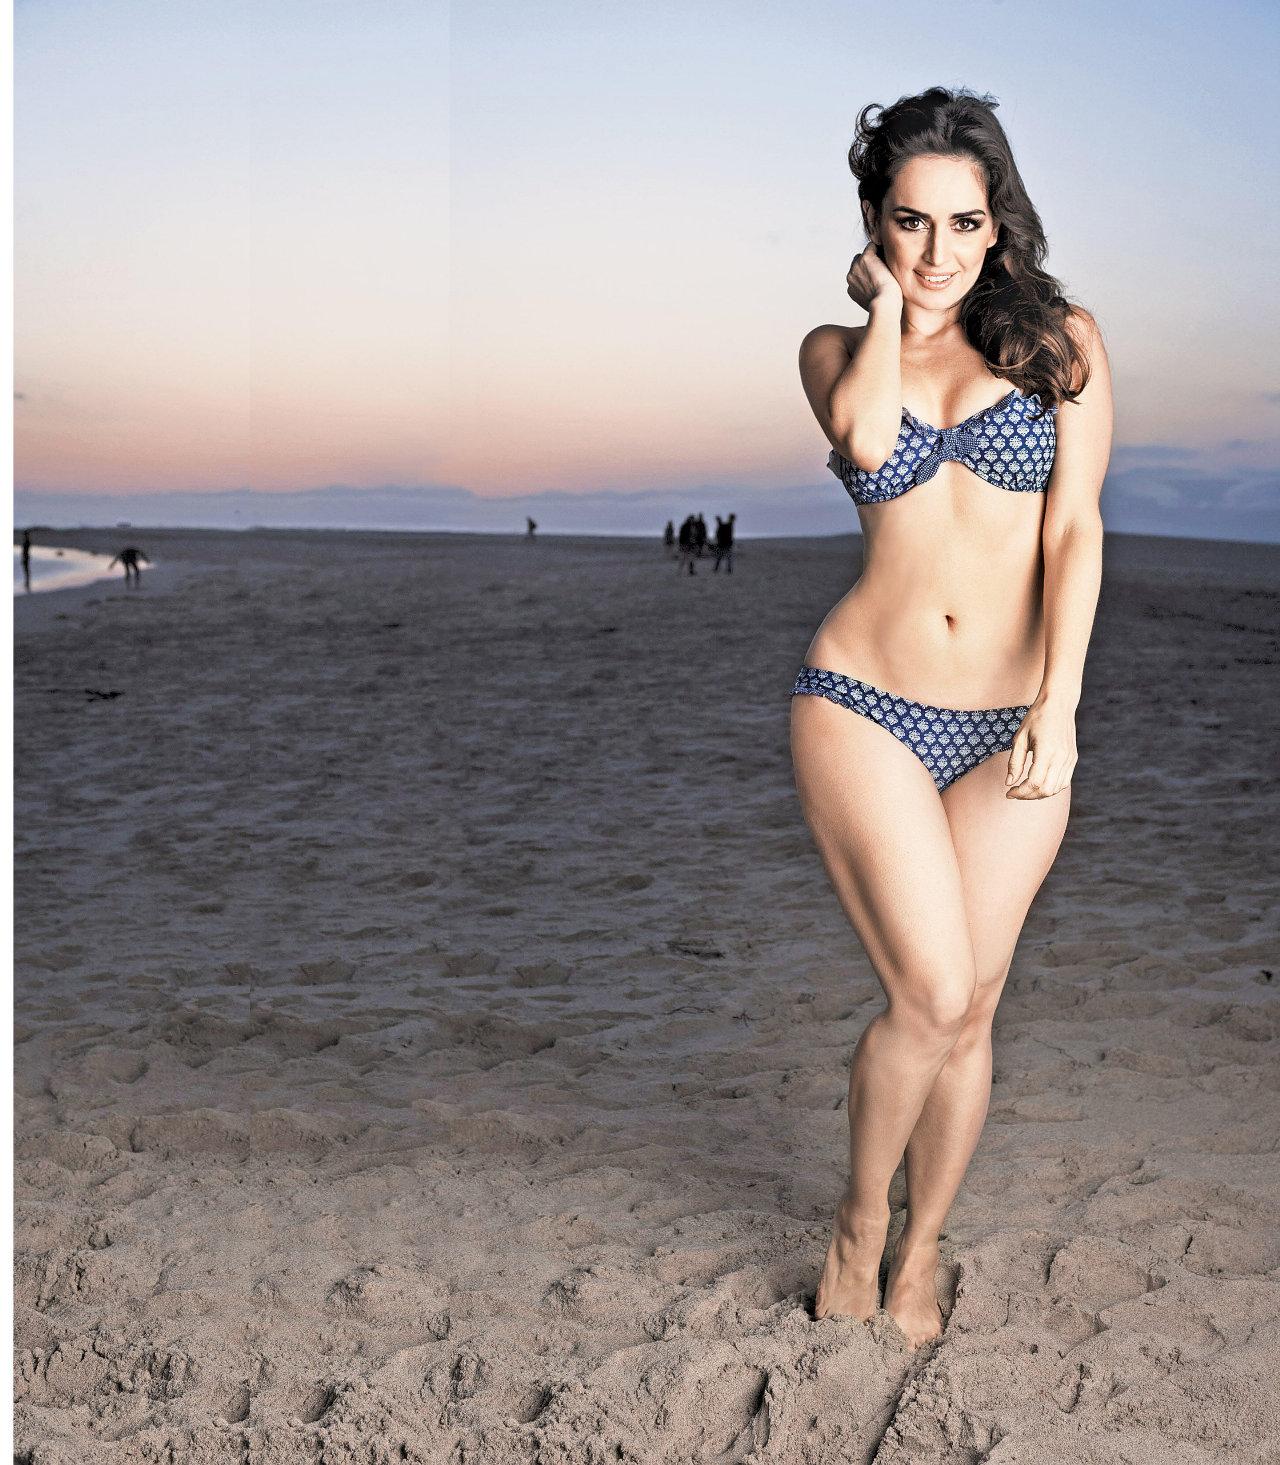 Ana de la Reguera in bikini at beach, Ana de la Reguera beach pics,